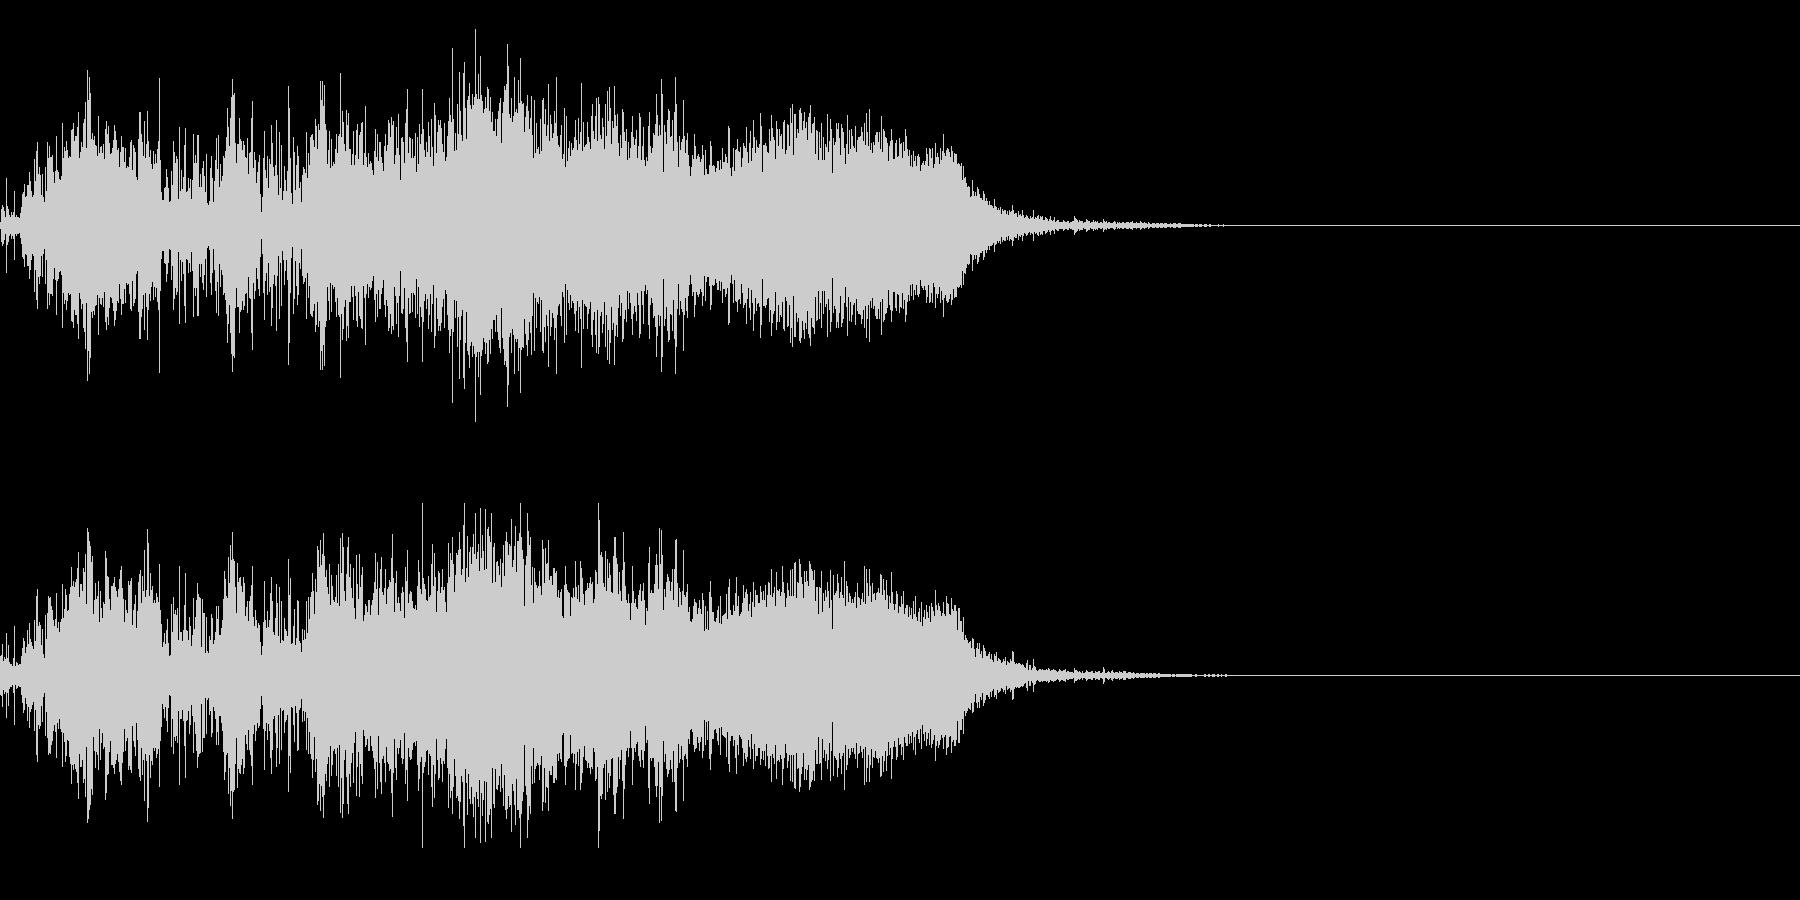 スパーク音-28の未再生の波形